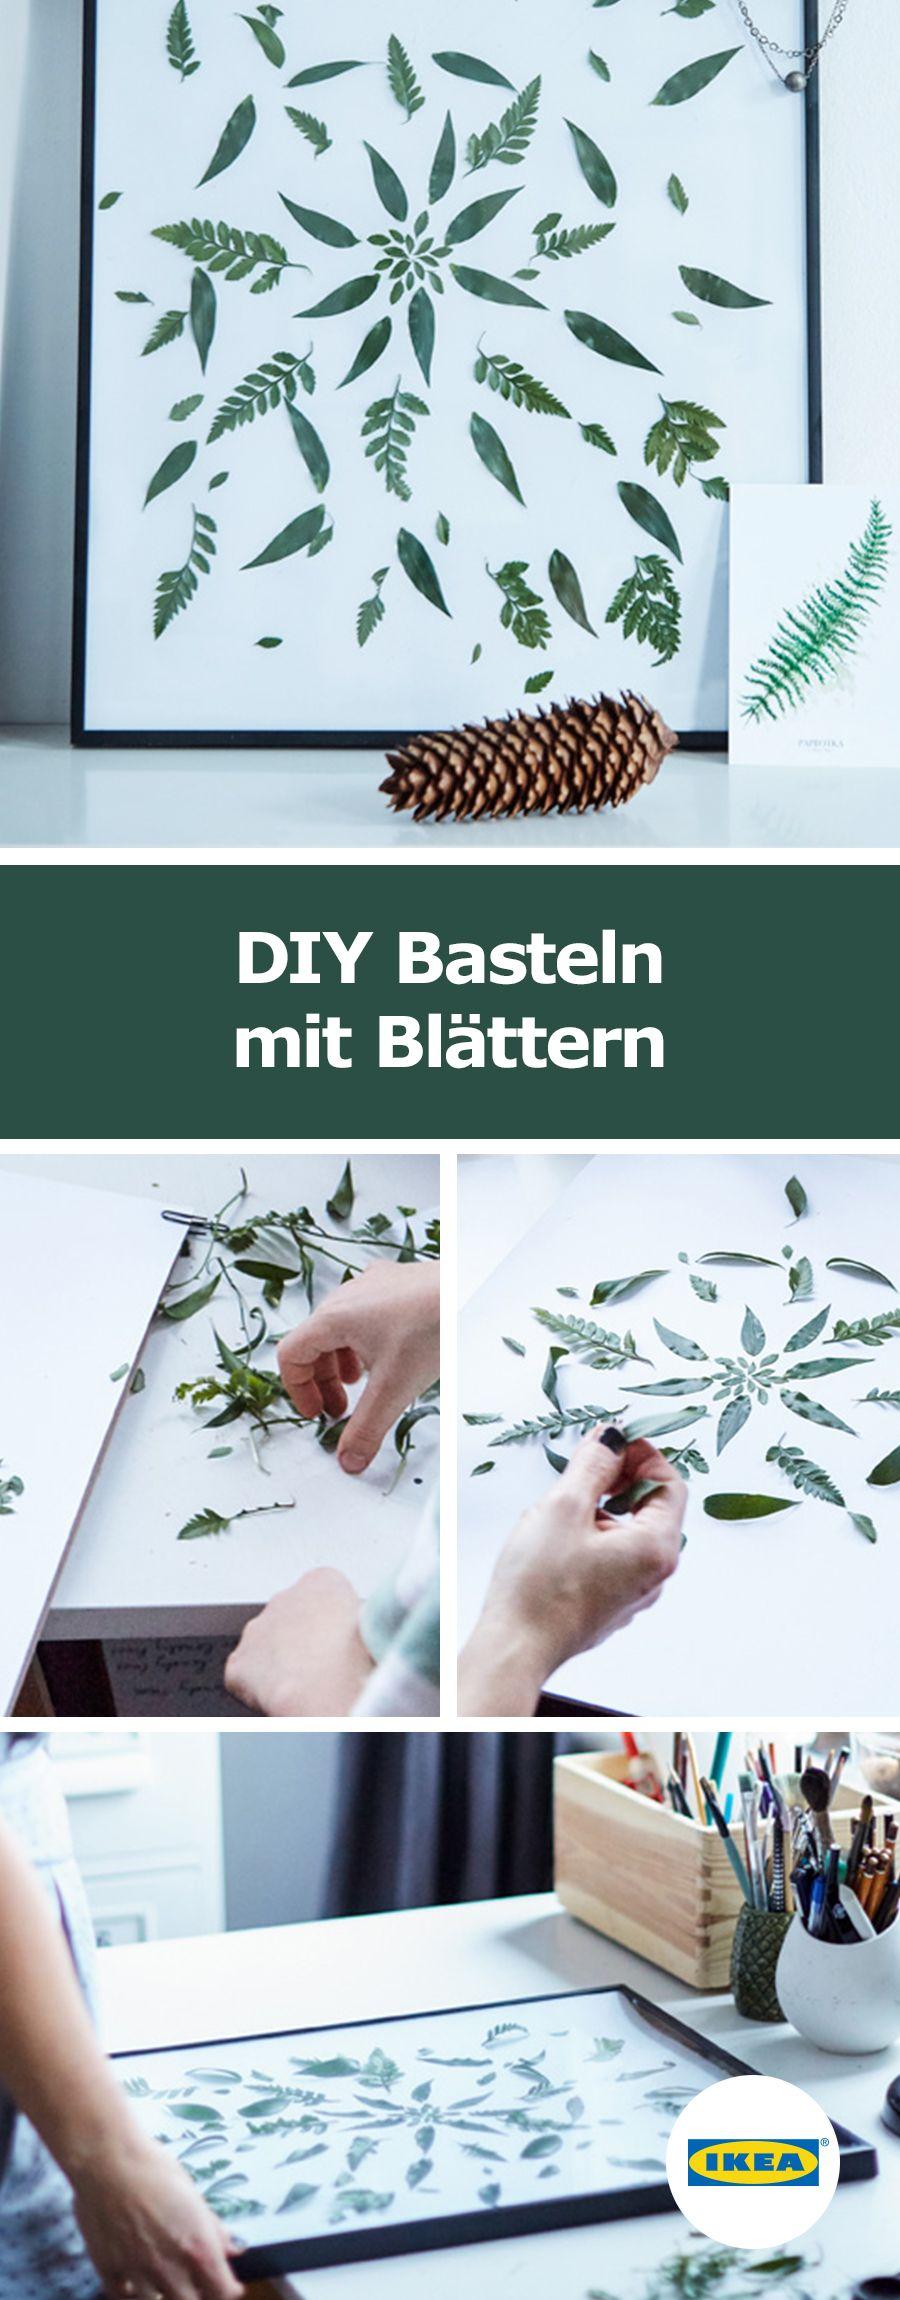 ikea deutschland diy basteln mit bl ttern ikea diy ideen diy basteln ikea und basteln. Black Bedroom Furniture Sets. Home Design Ideas